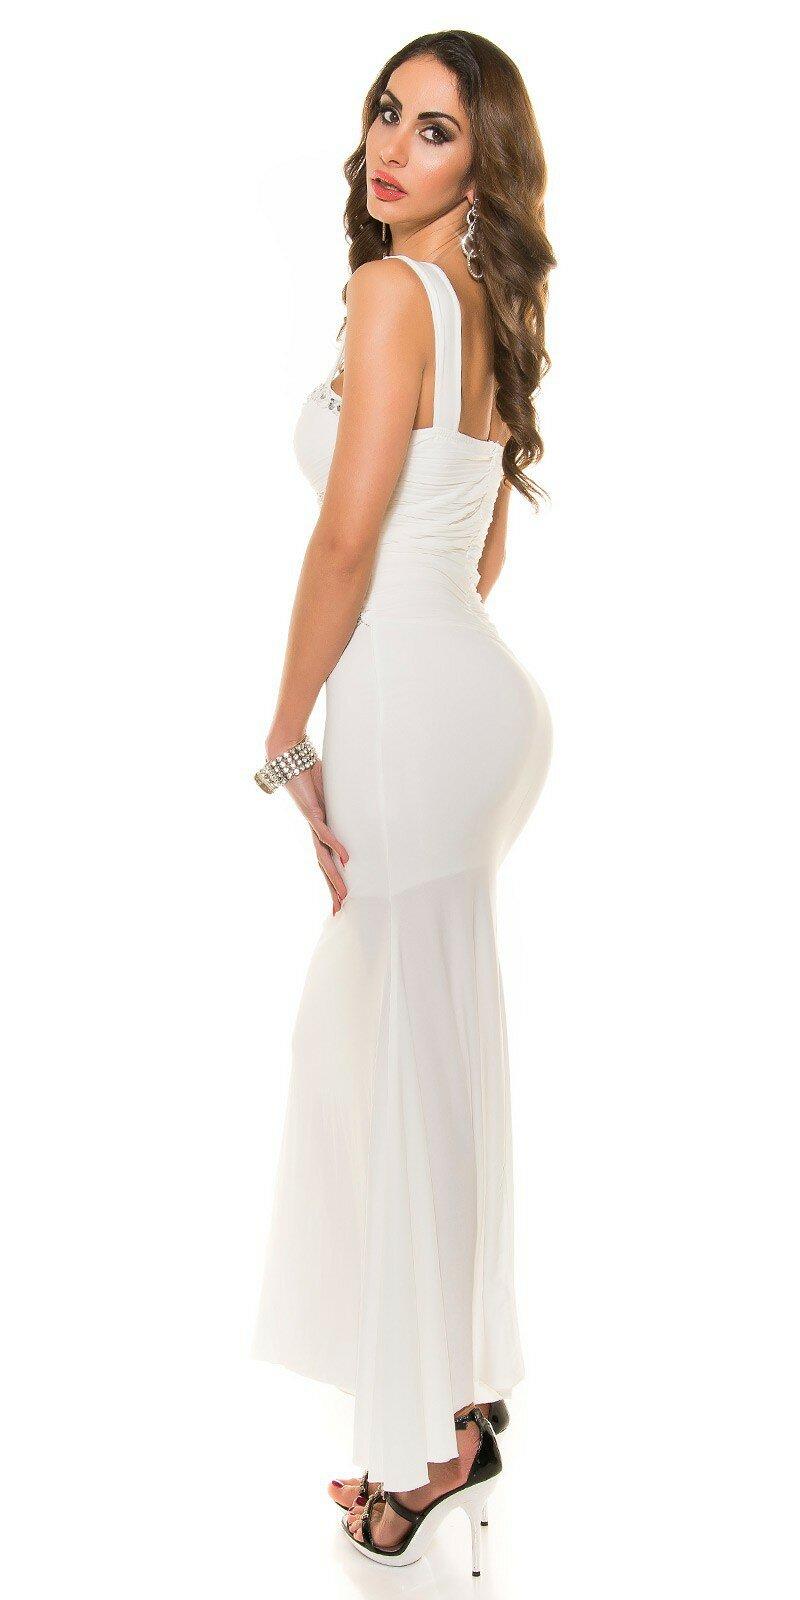 6b72f5e4d7d Dámske plesové šaty s kamienkami  Veľkosť S Farba Biela